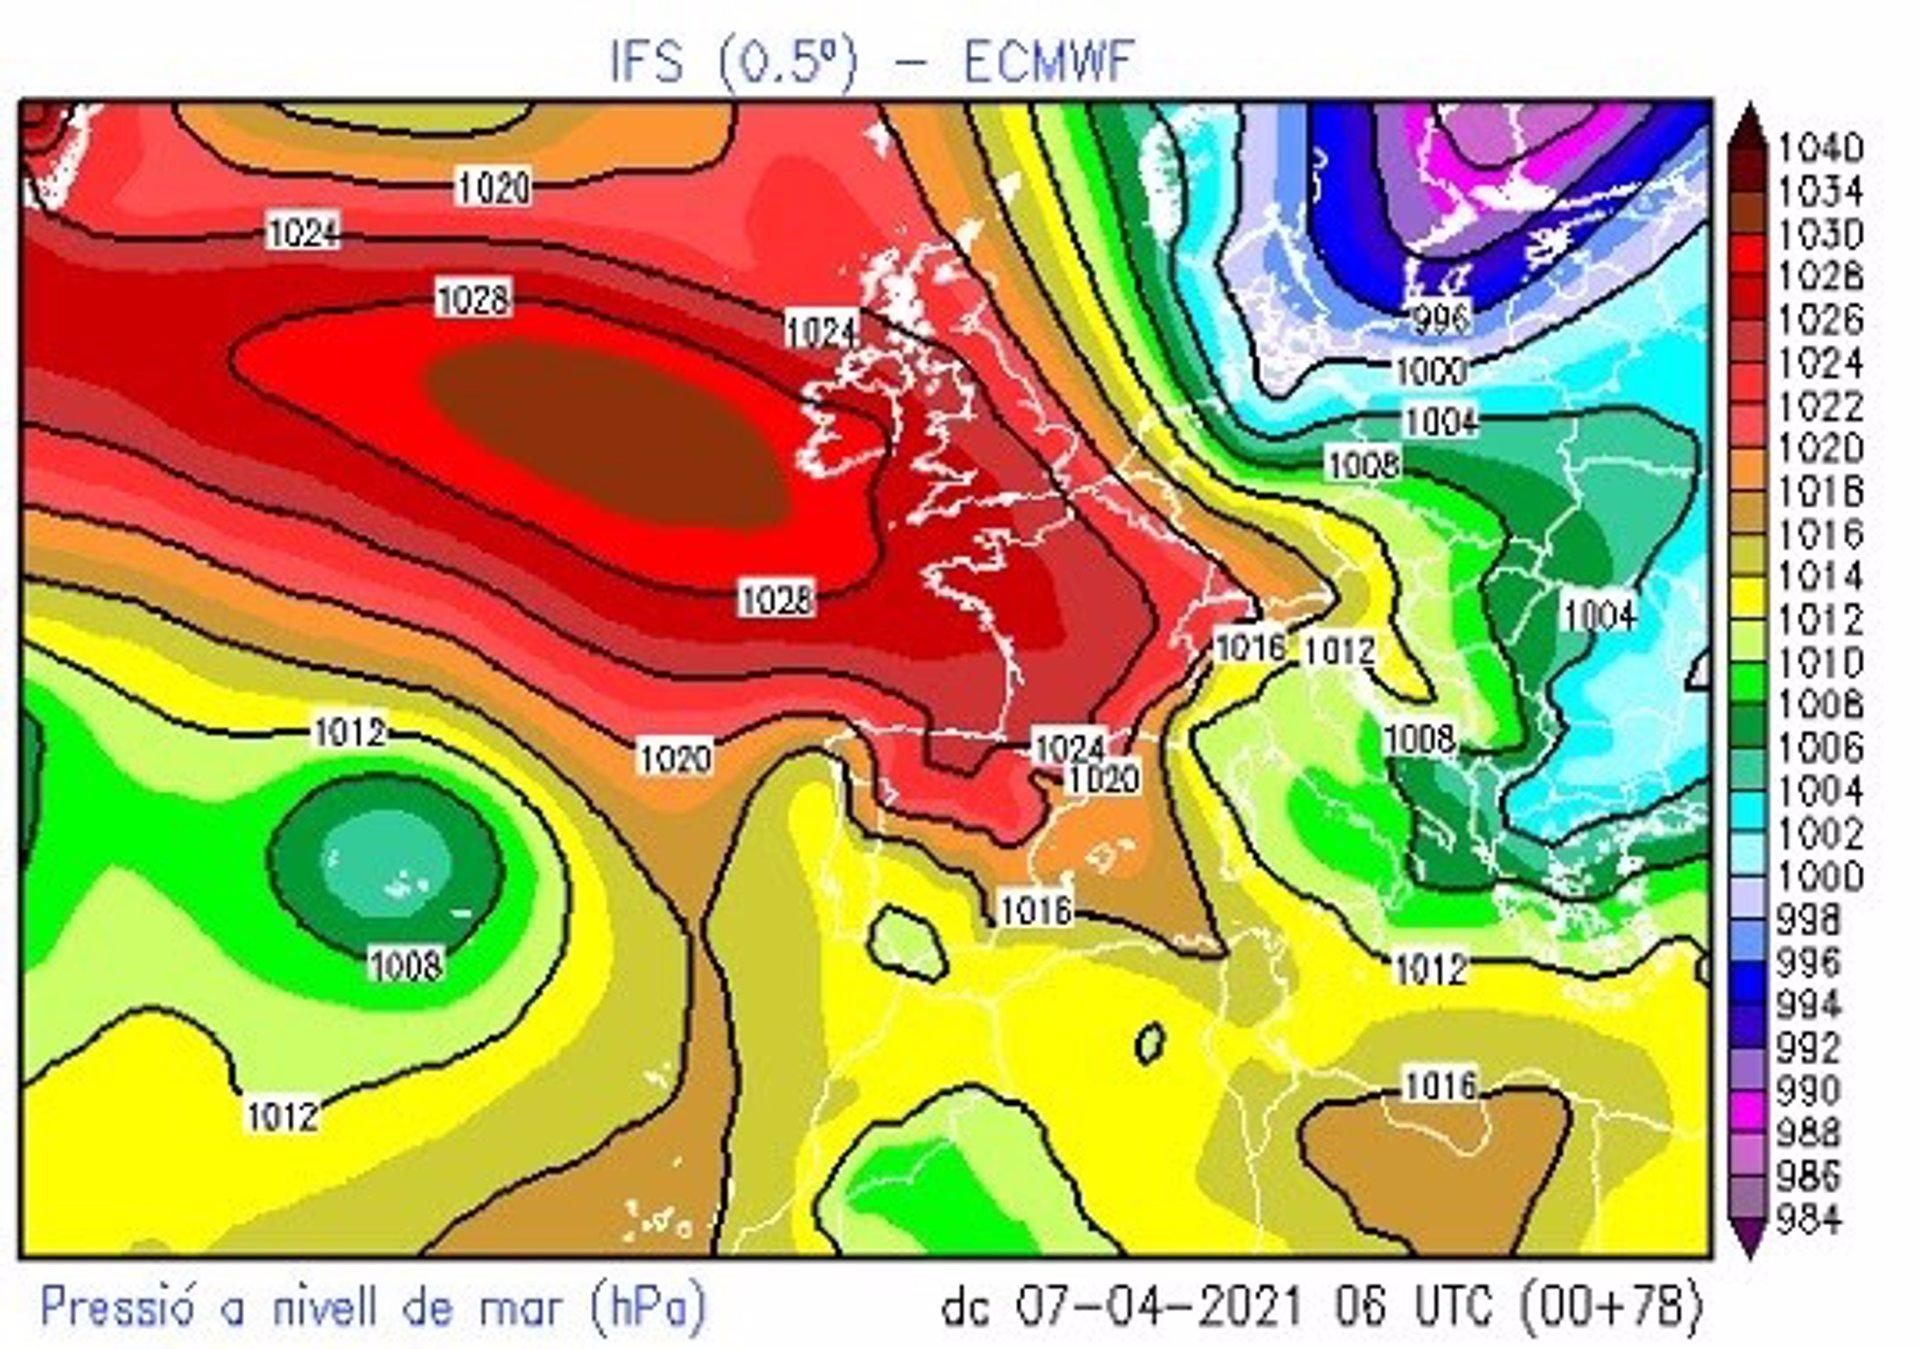 04/04/2021 Llgada de una masa de aire polar a Catalunya ESPAÑA EUROPA CATALUÑA SOCIEDAD METEOCAT